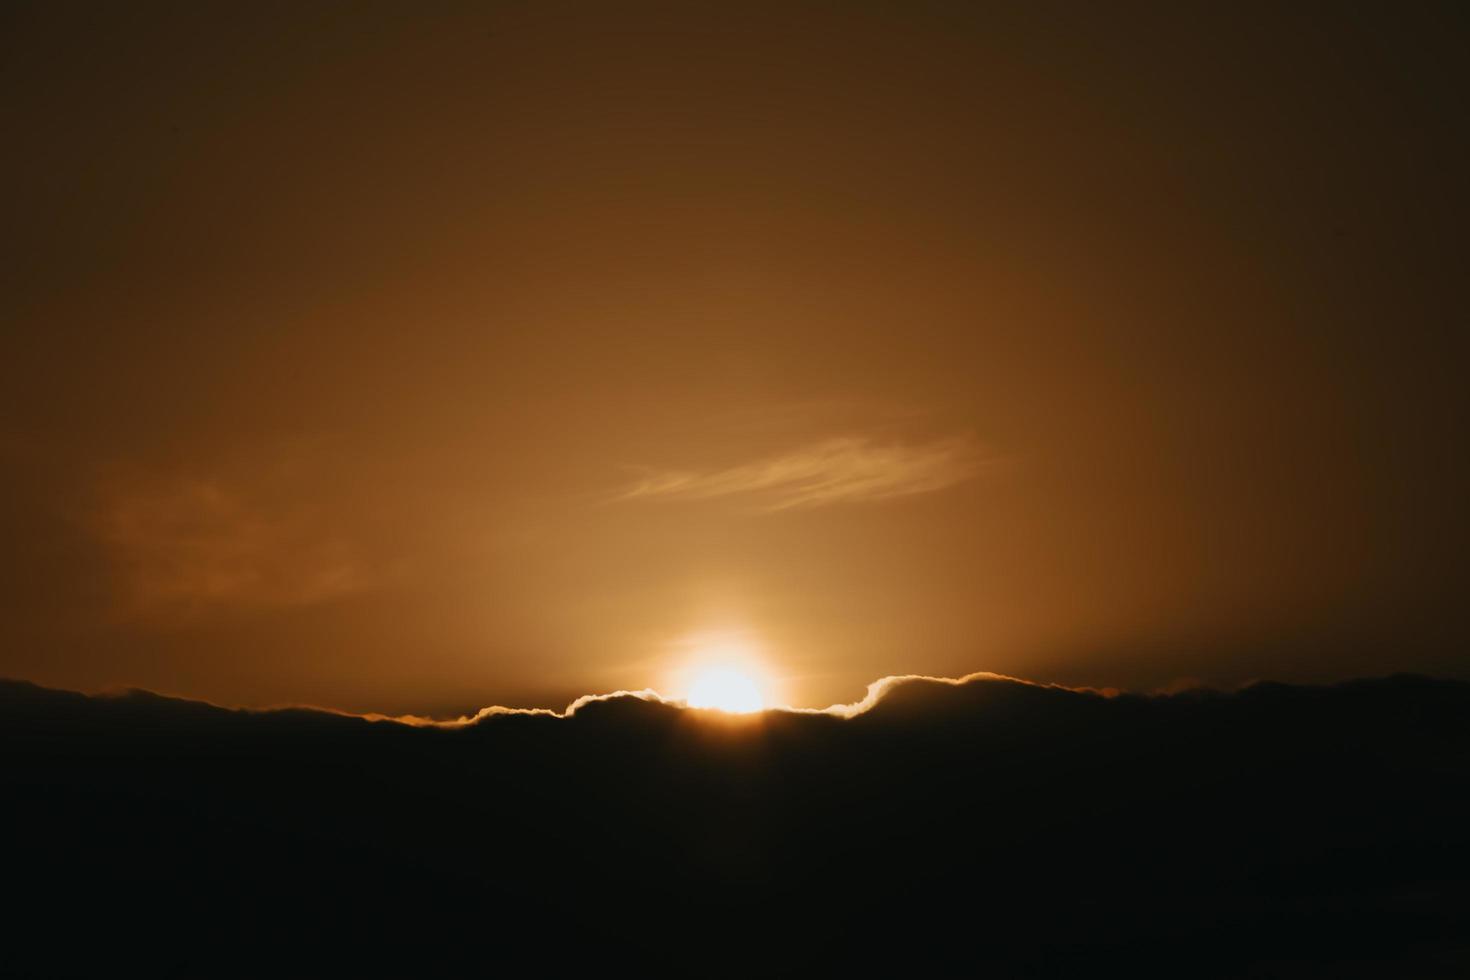 super tramonto sopra le nuvole nere foto